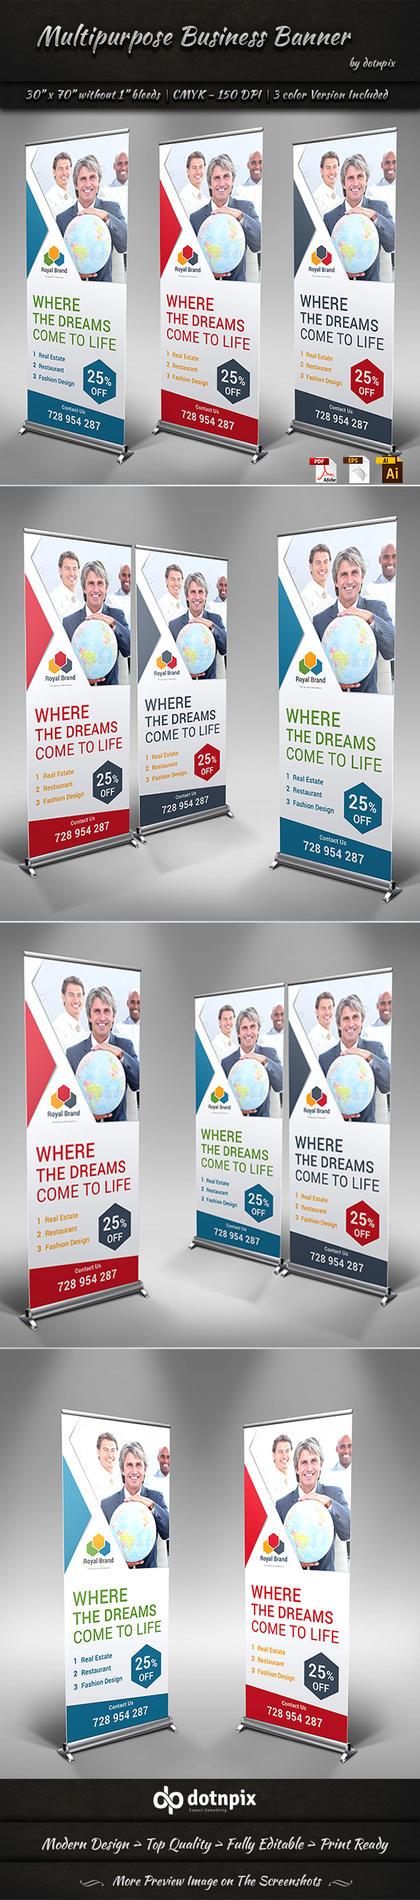 Multipurpose Business Banner by dotnpix